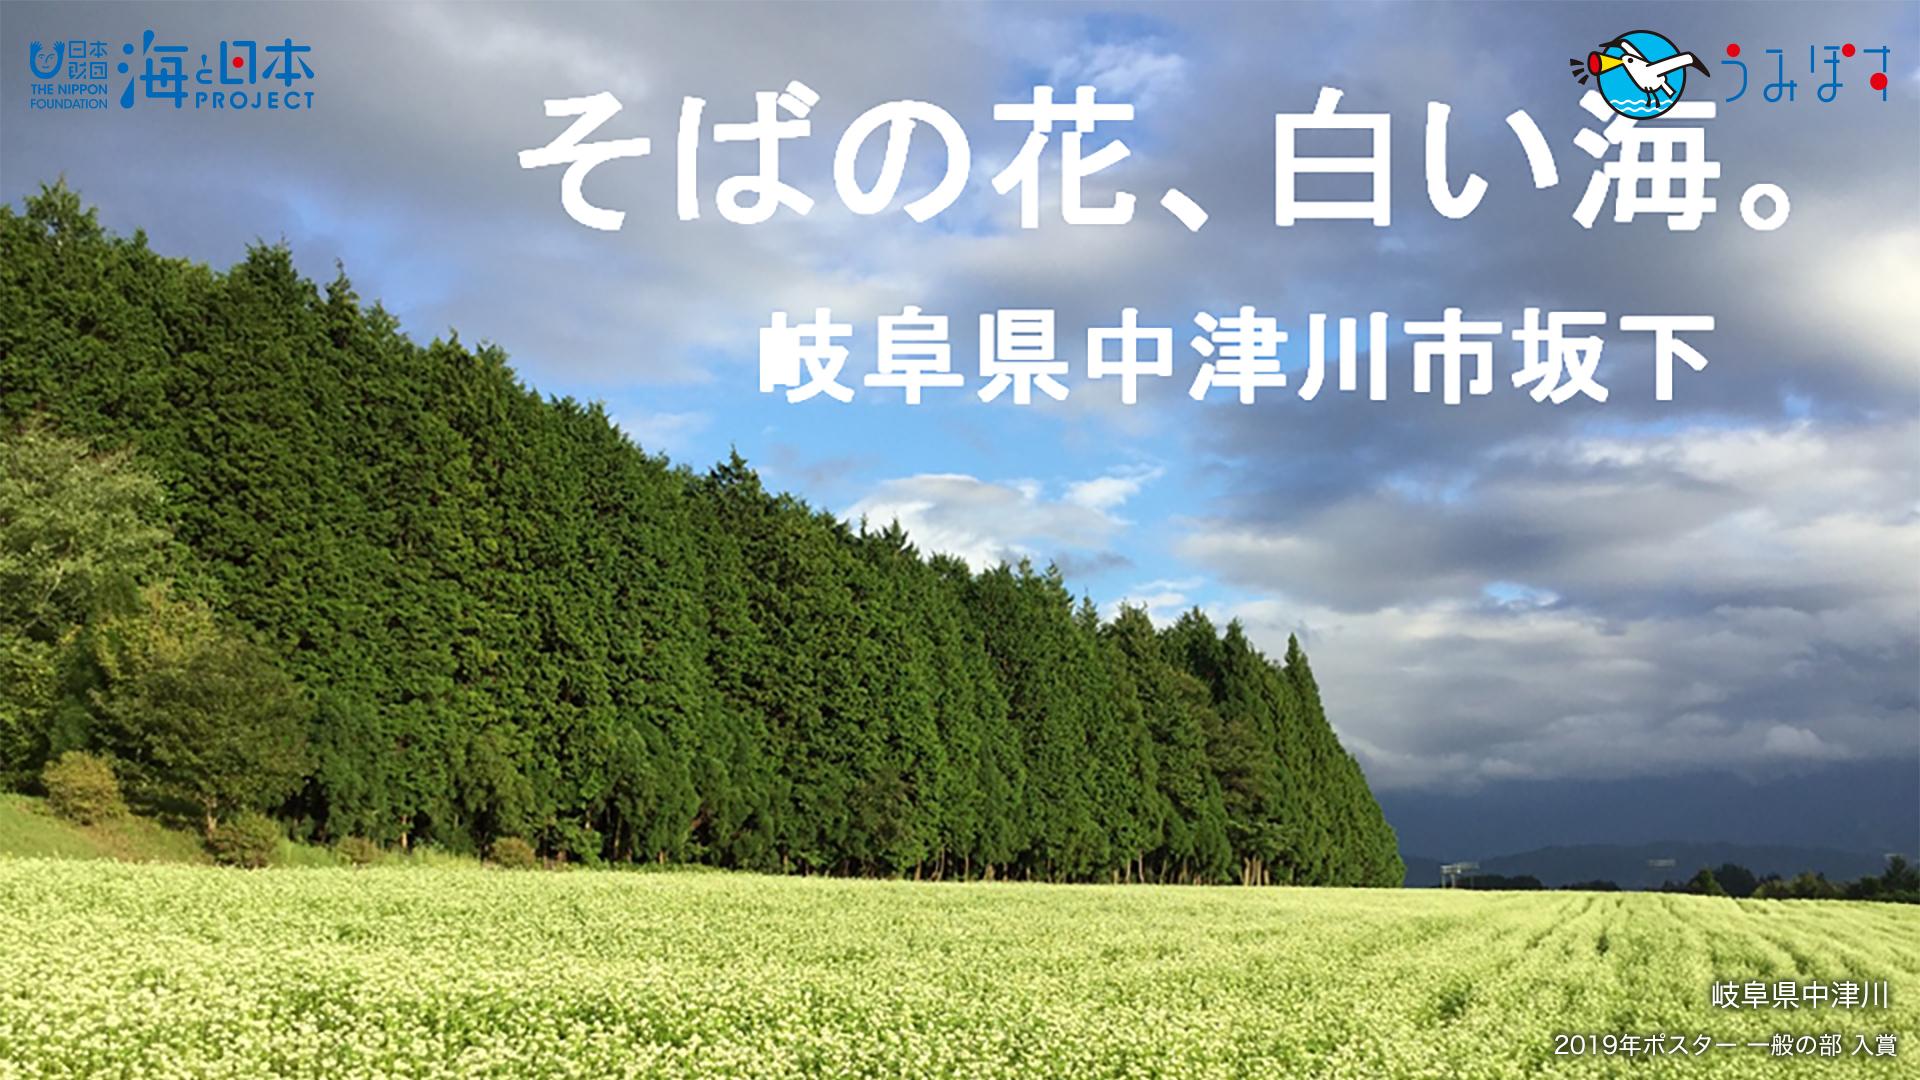 青島 (京都府)